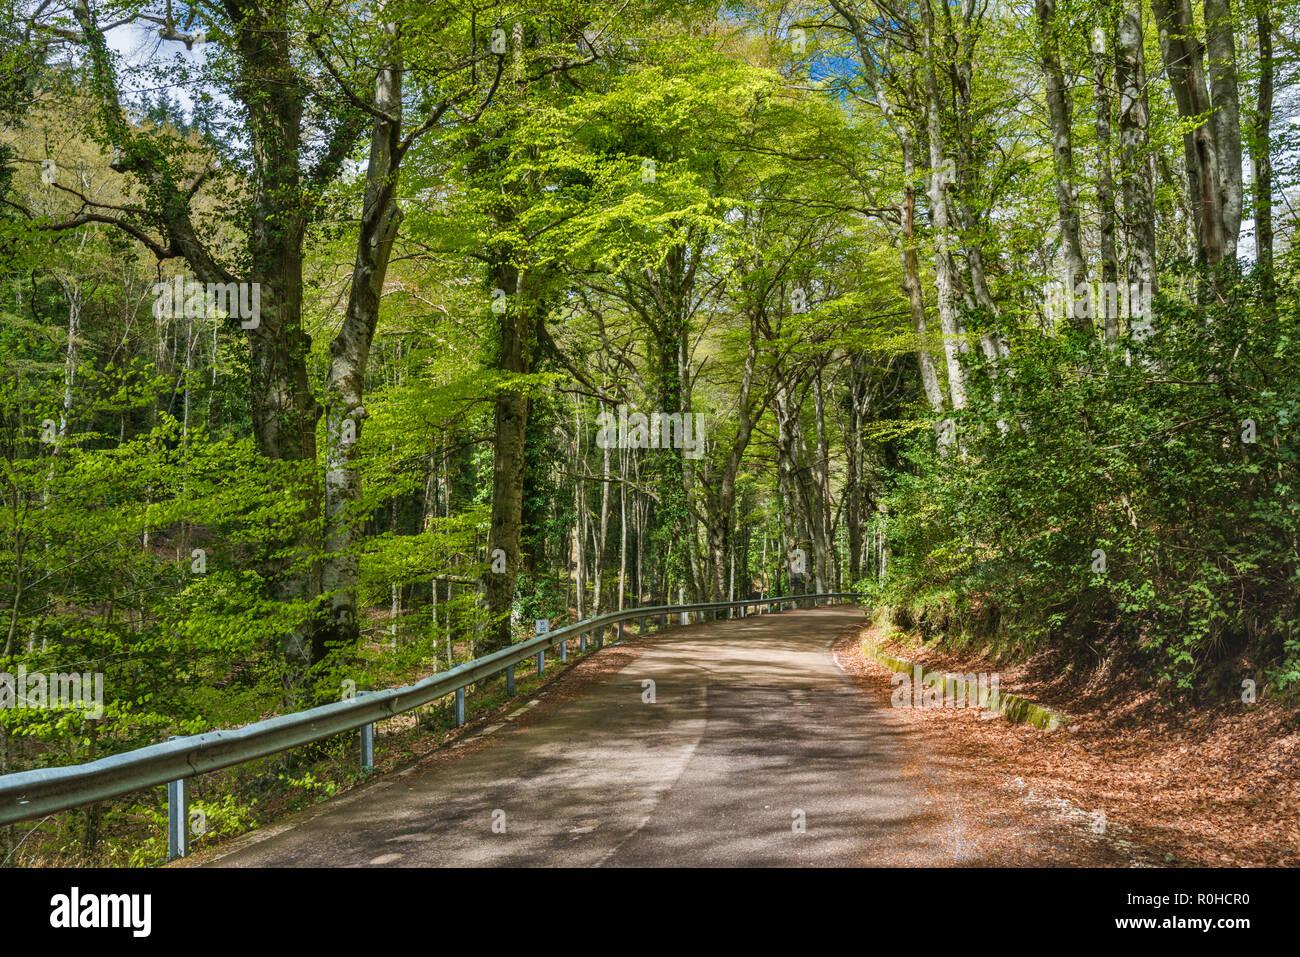 Palestra Vico Del Gargano unión haya (fagus sylvatica) bosque, foresta umbra, parque